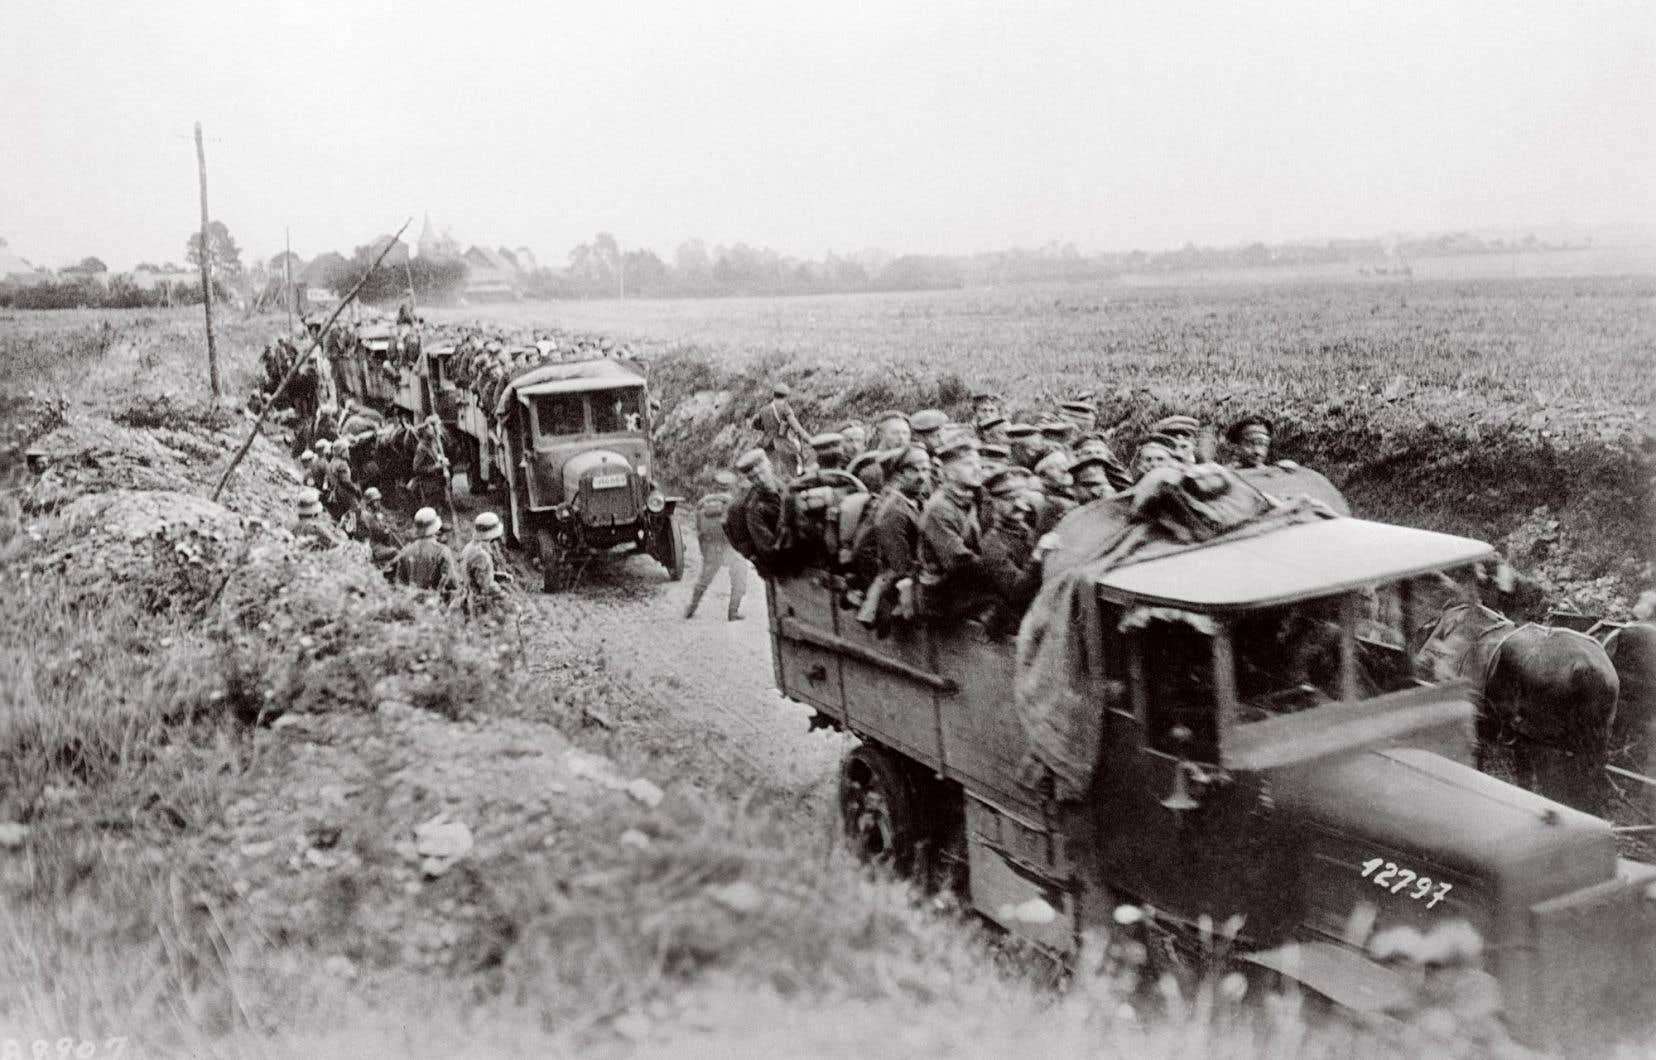 Des réservistes allemands transportés vers le front au cours de la Première Guerre mondiale